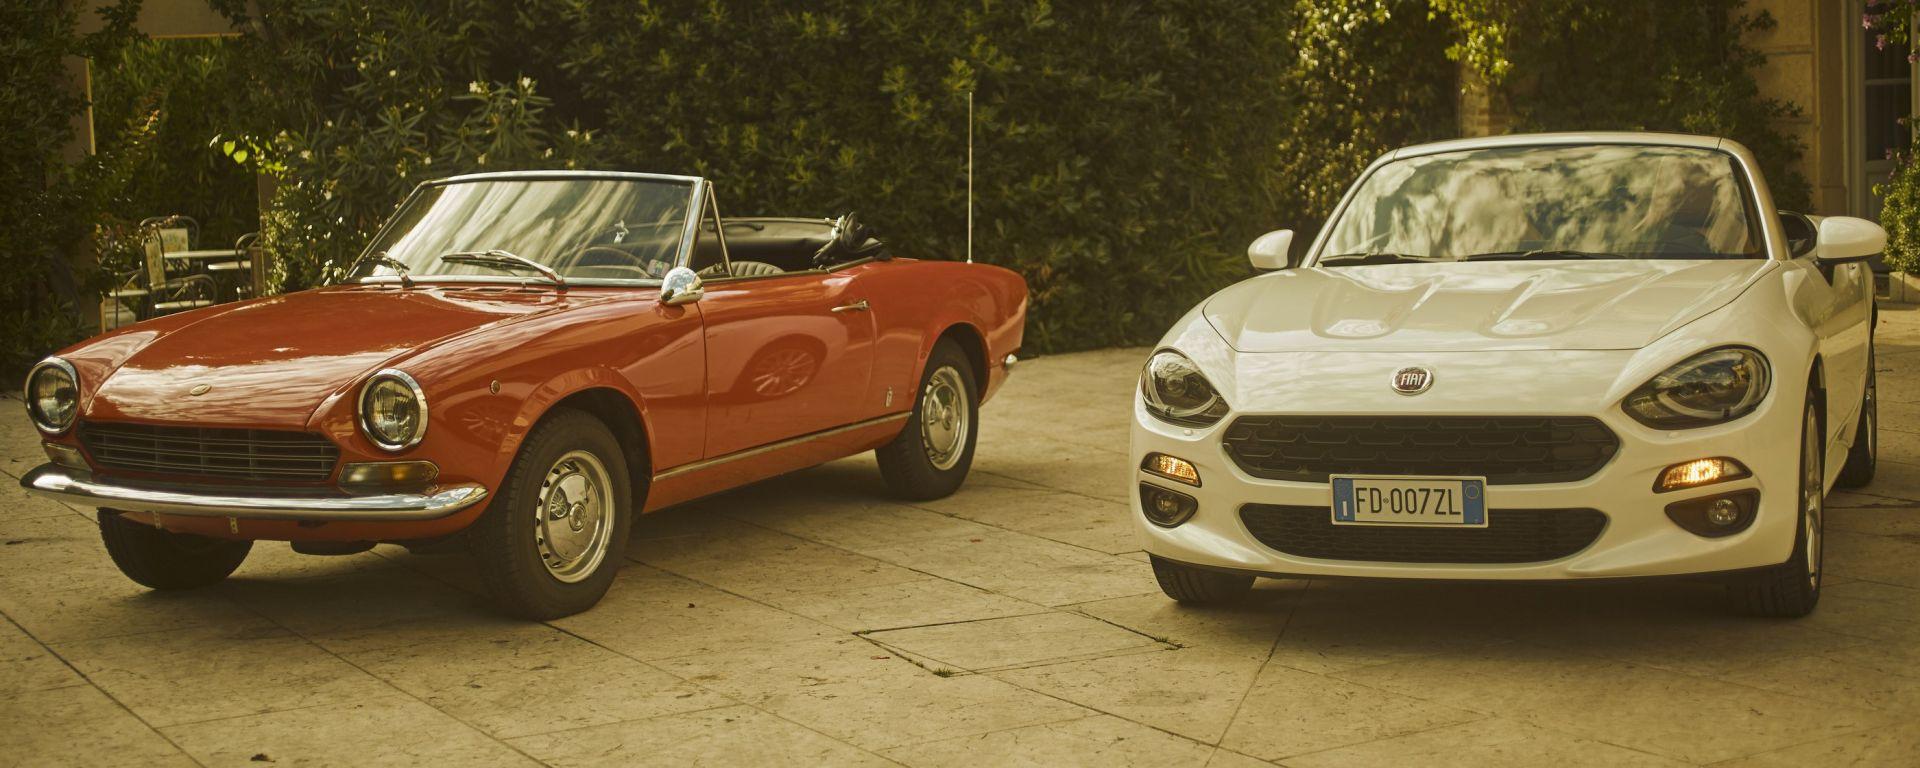 Fiat 124: 50 anni dopo, generazioni a confronto